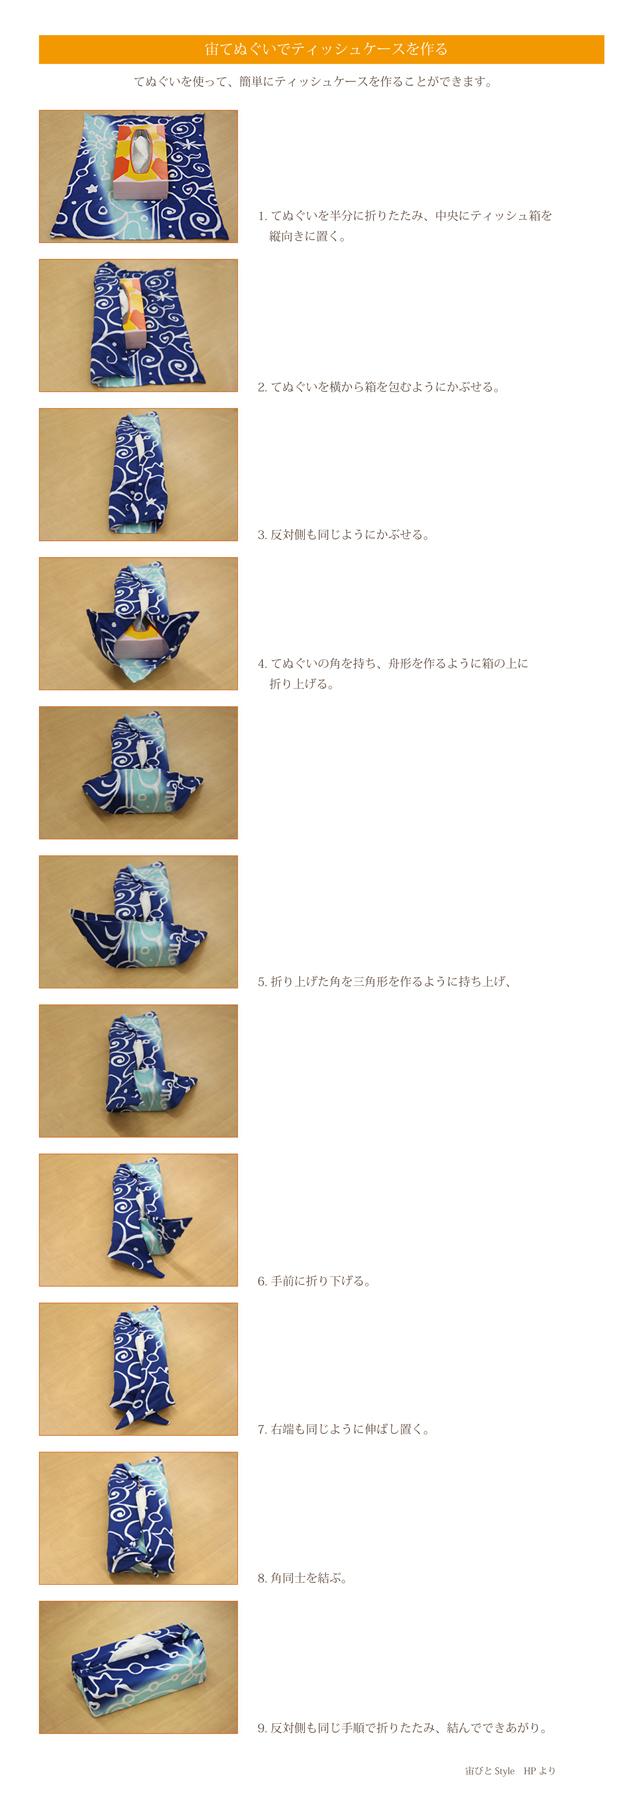 tishu_case